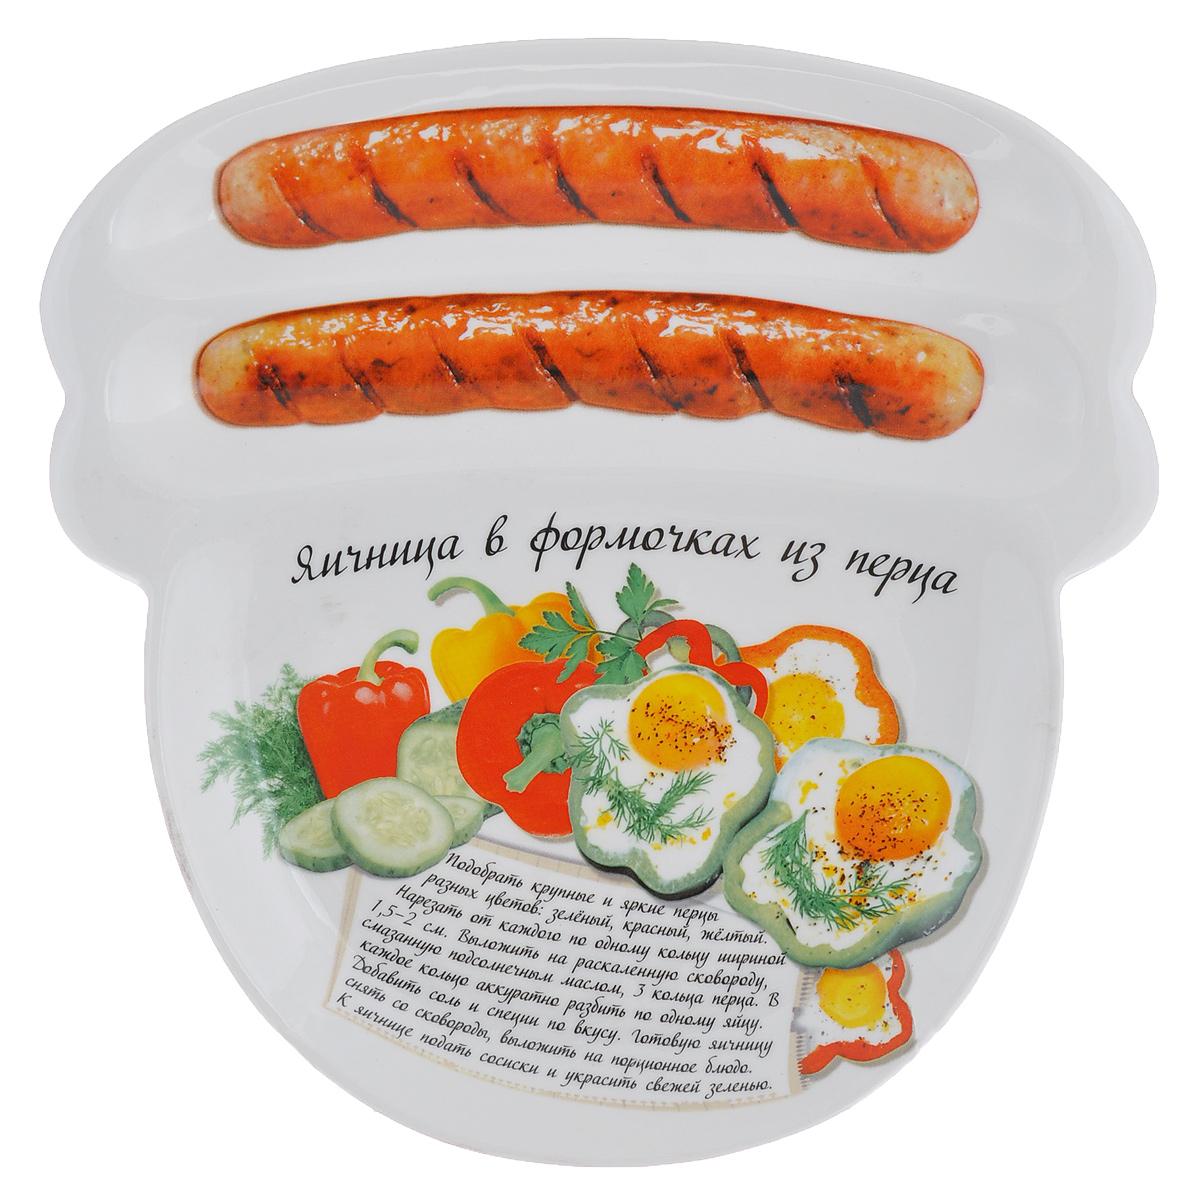 Блюдо для сосисок Larangе Яичница в формочках из перца, 23 х 22,7 х 1,6 см блюдо для сосисок larange веселый завтрак с кошечкой 20 5 см х 19 см